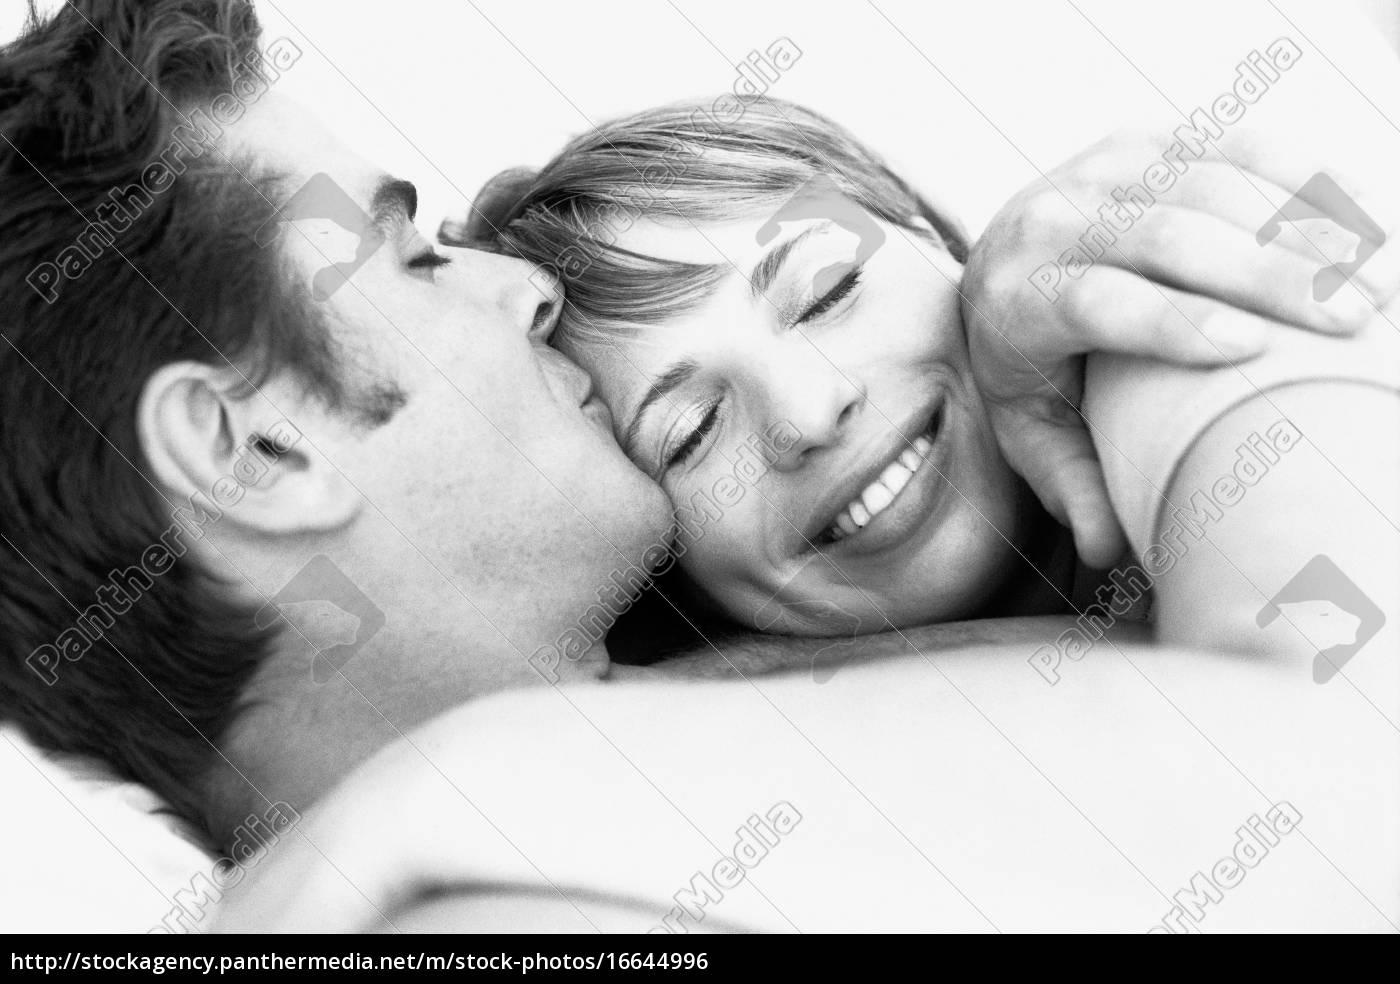 casal, abraçando, o, homem, beijando, a, testa - 16644996